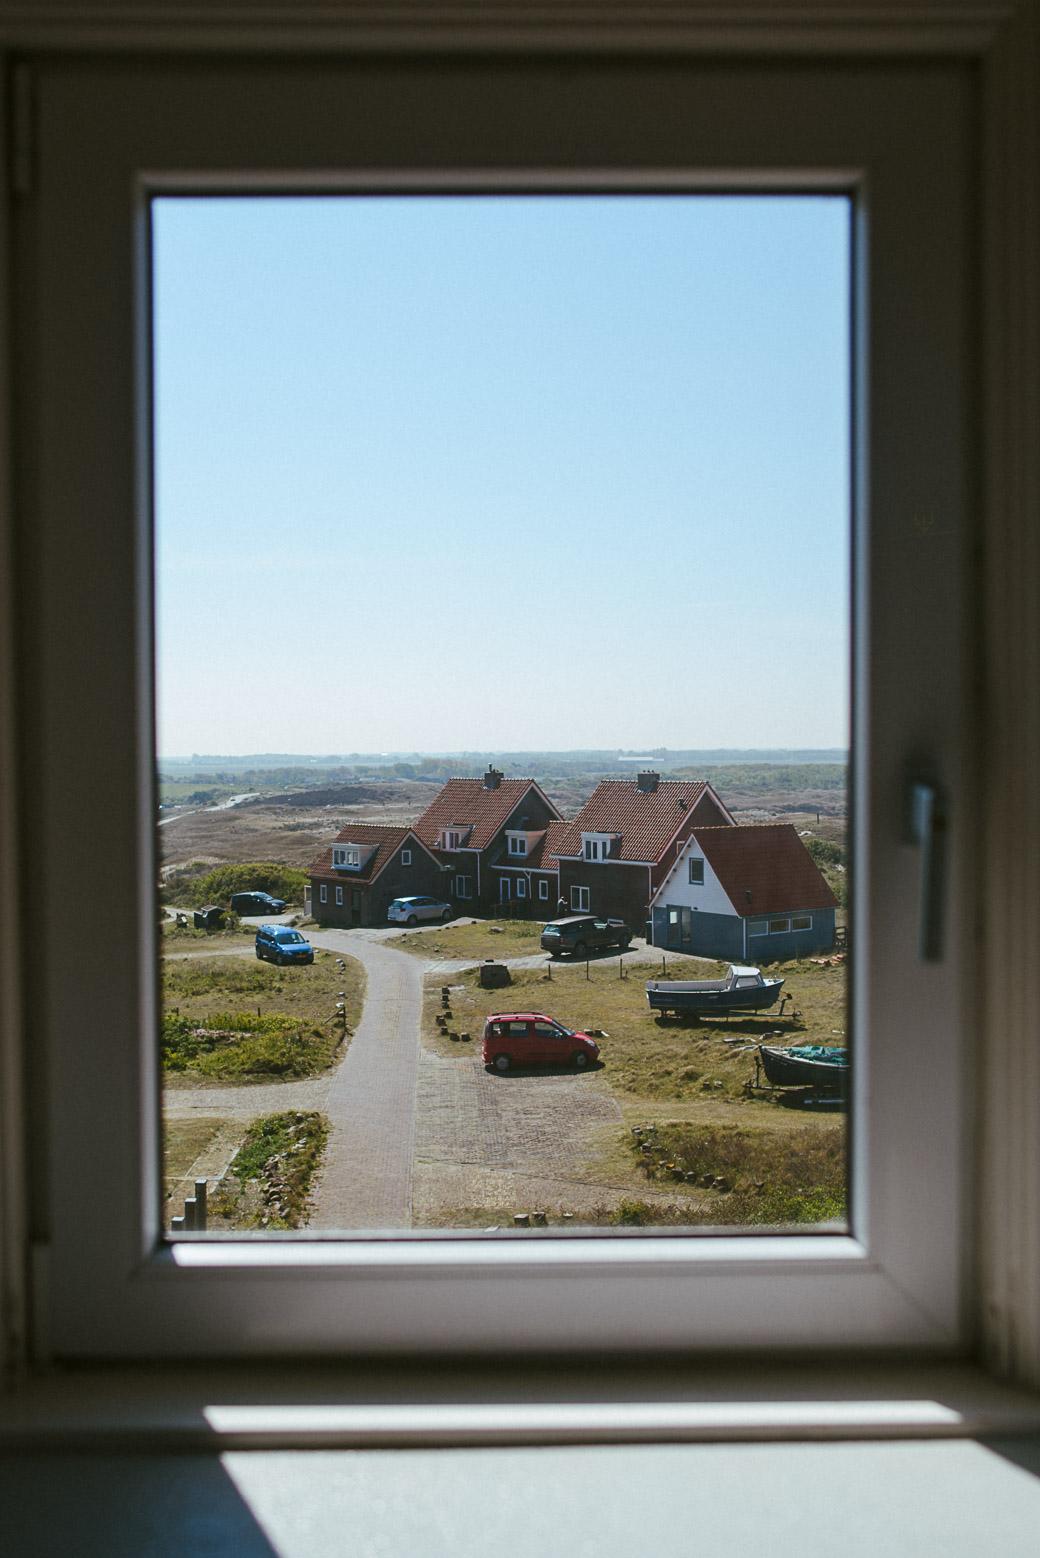 Texel-Nordsee-Holland-Niederlande-Europa-Geschichten von unterwegs-8242